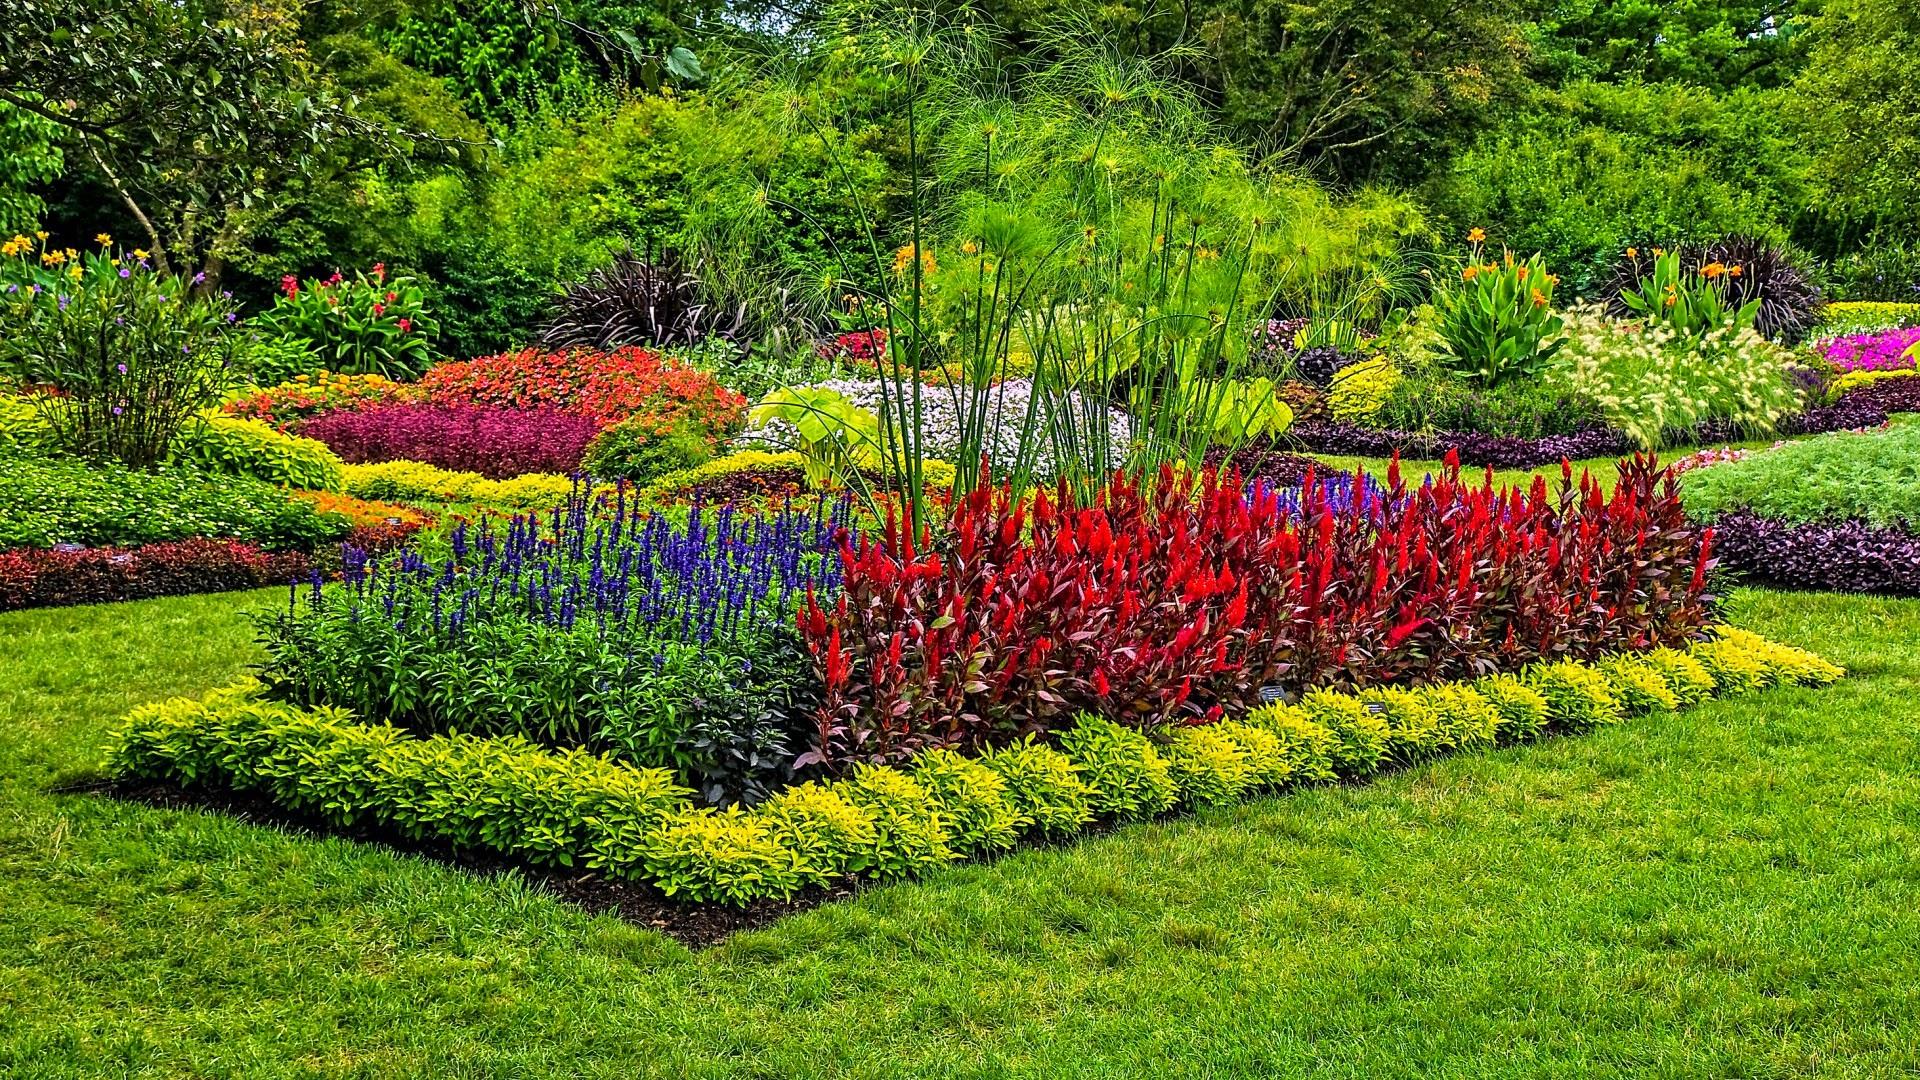 Im genes de jardines muy coloridos fotos e im genes en for Figuras para el jardin